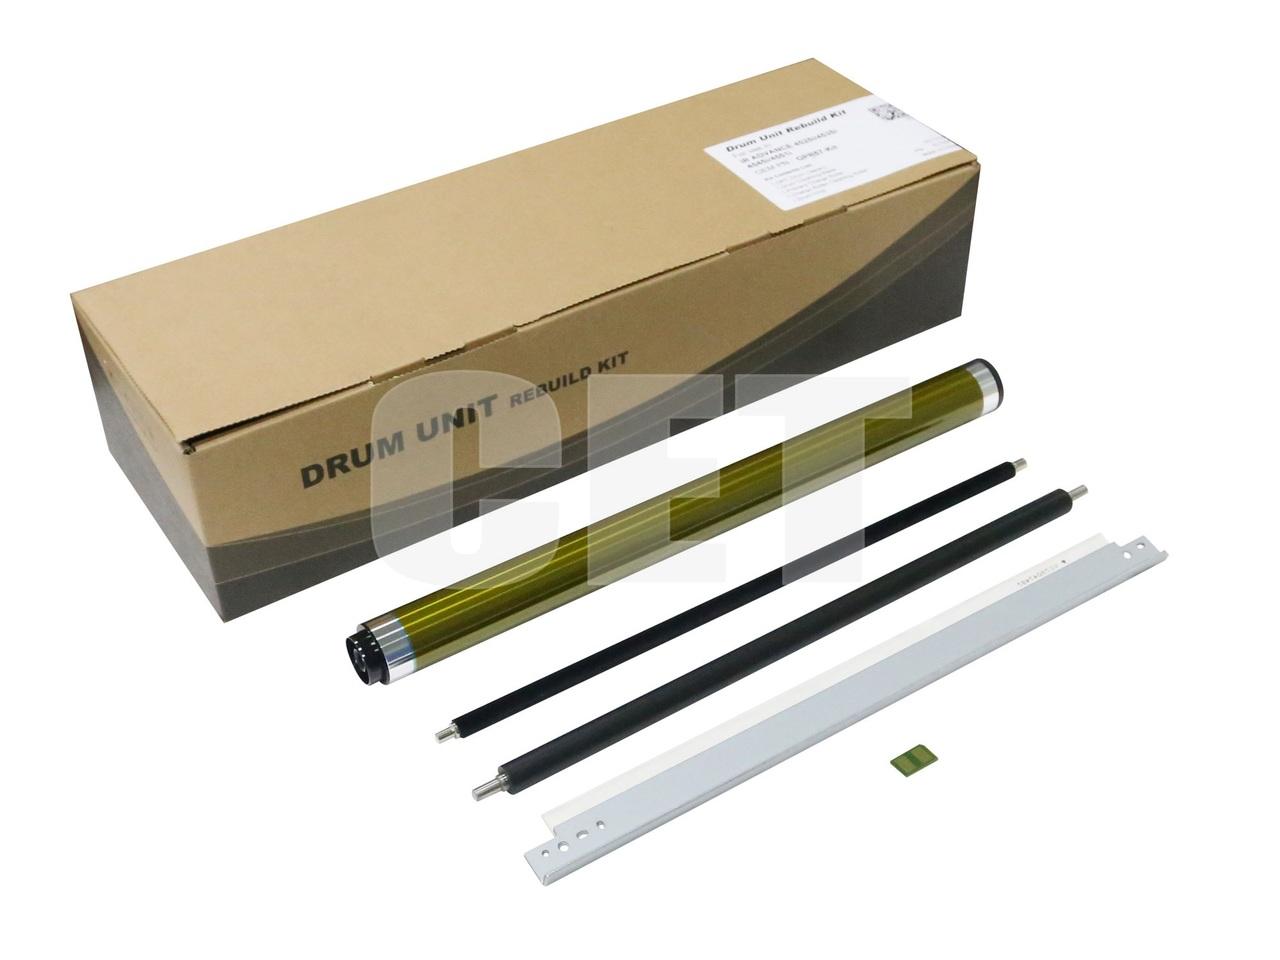 Комплект восстановления драм-юнита C-EXV53 для CANON iRADVANCE 4525i/4535i/4545i/4551i (CET), 150000 стр.,CET501007